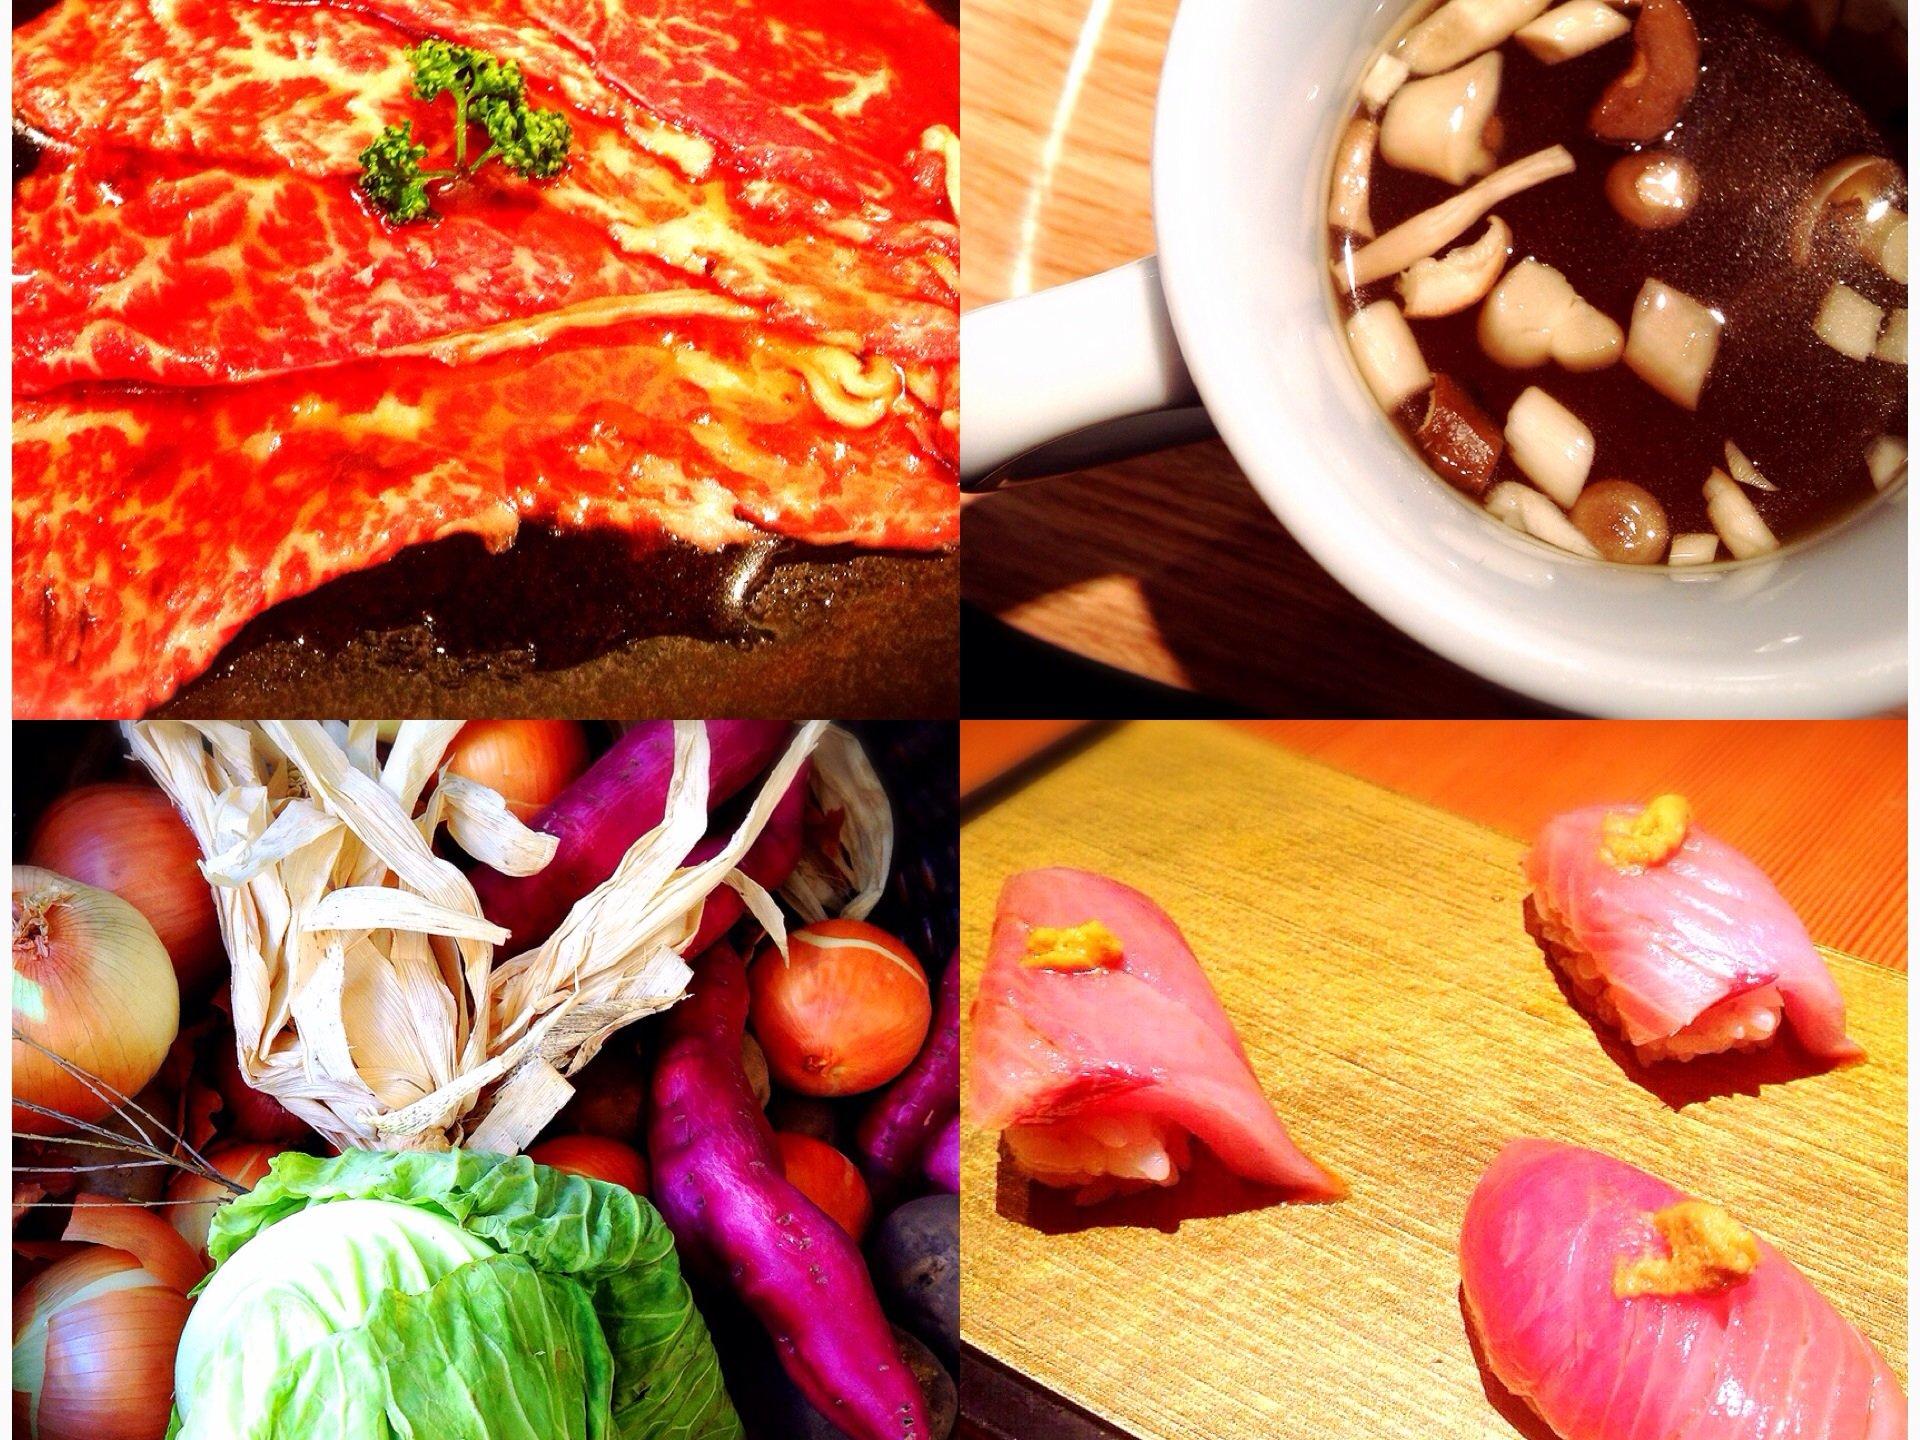 今日は何が食べたい?【肉・魚・野菜】食べたいもの別におすすめのお店をご紹介!♪